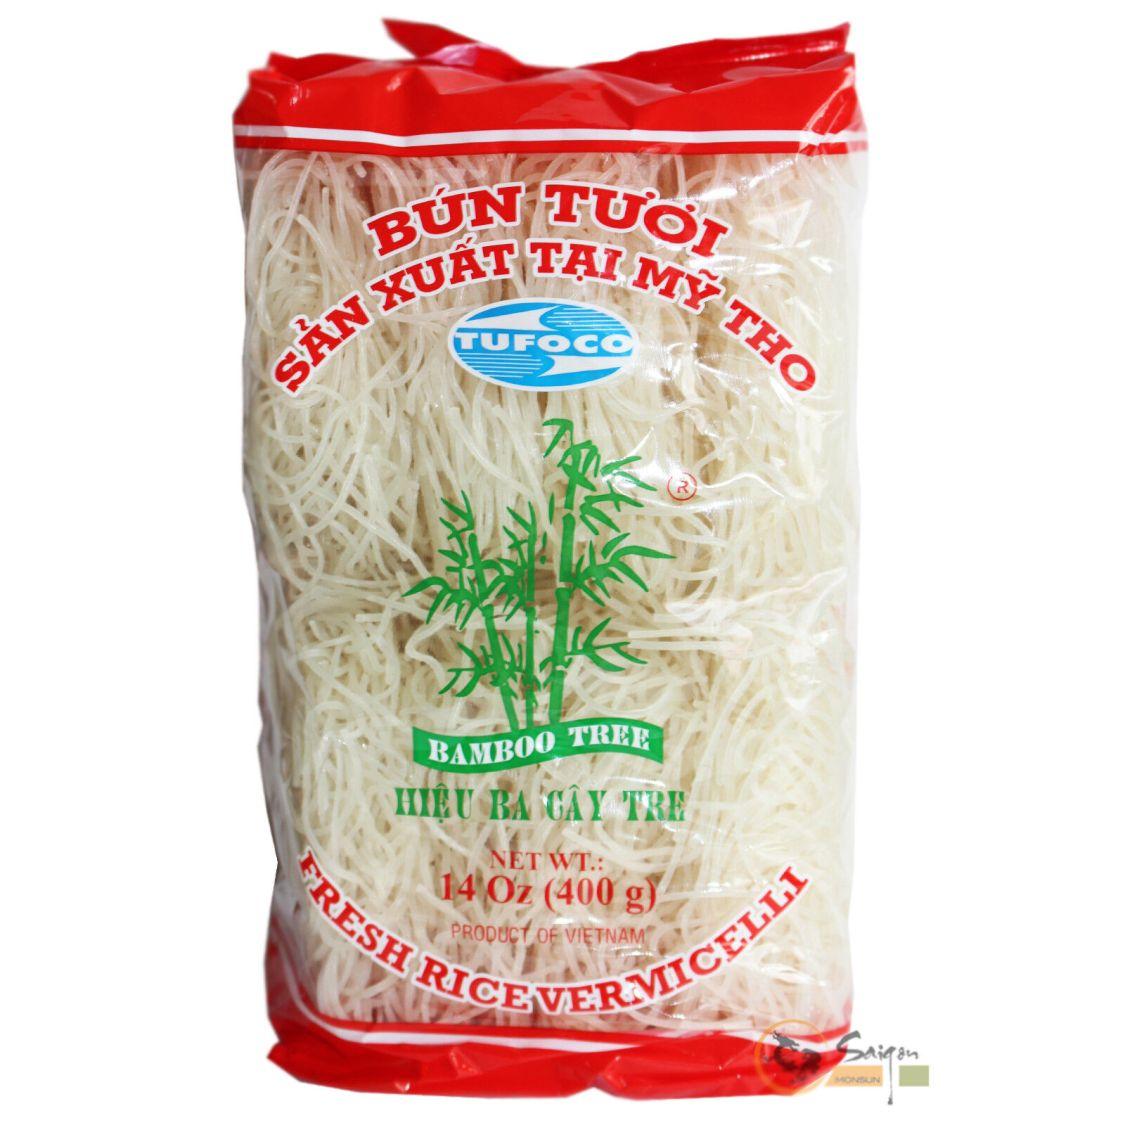 Bamboo Tree Bun Tuoi 8St. Reisnudeln 400g (rot) Rice Vermicelli Reis Nudeln